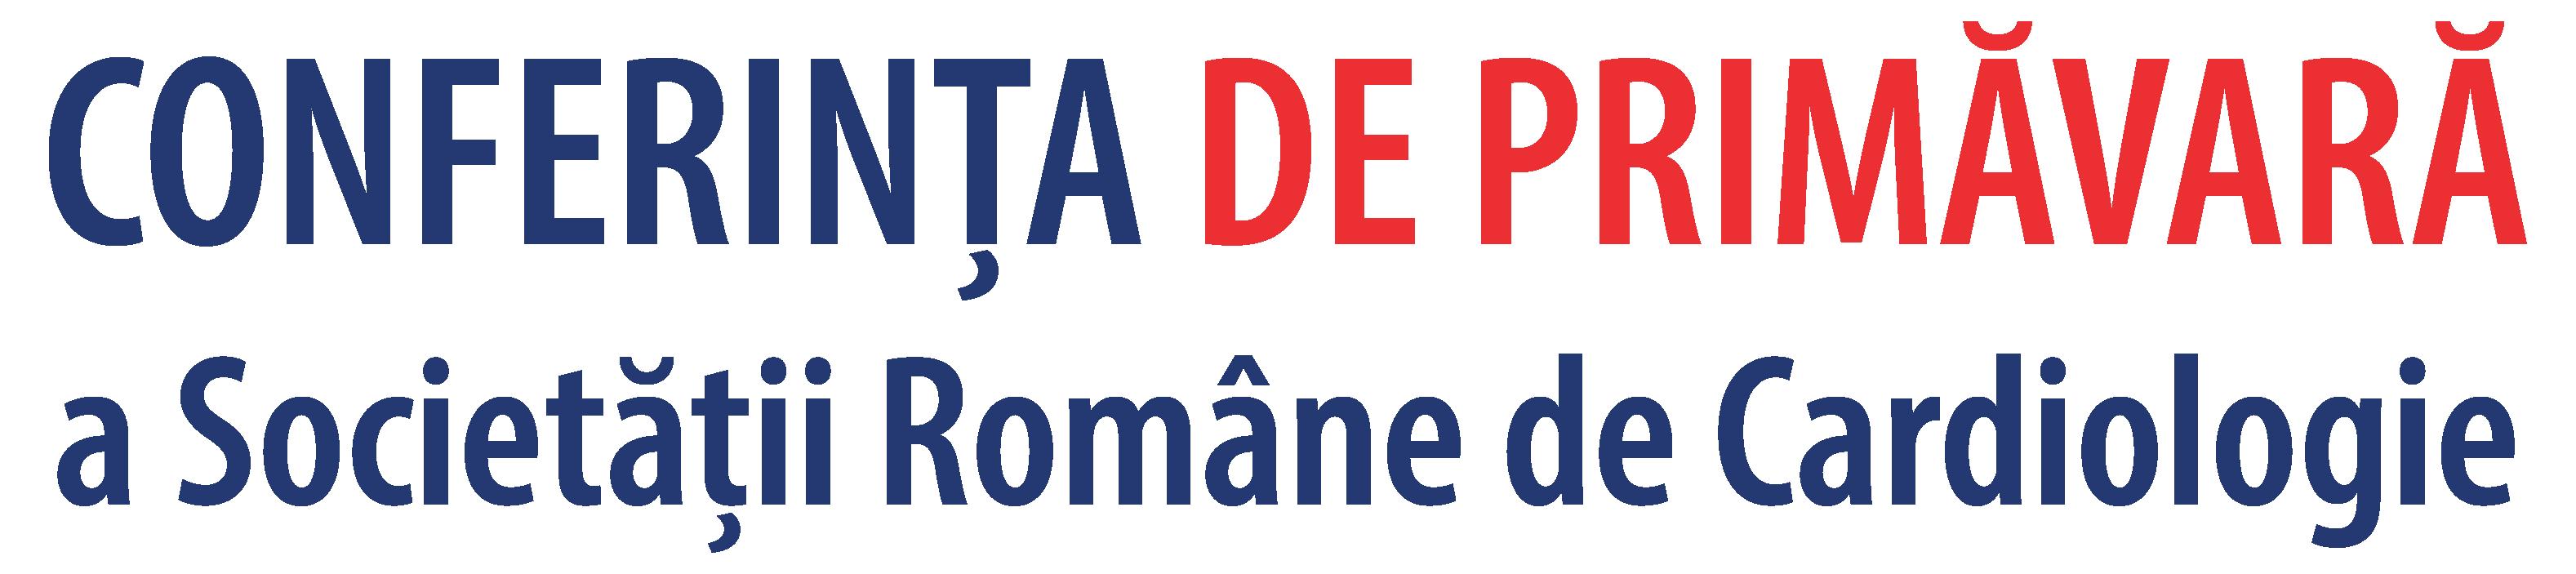 CONFERINŢA DE PRIMĂVARĂ A SOCIETĂȚII ROMÂNE DE CARDIOLOGIE